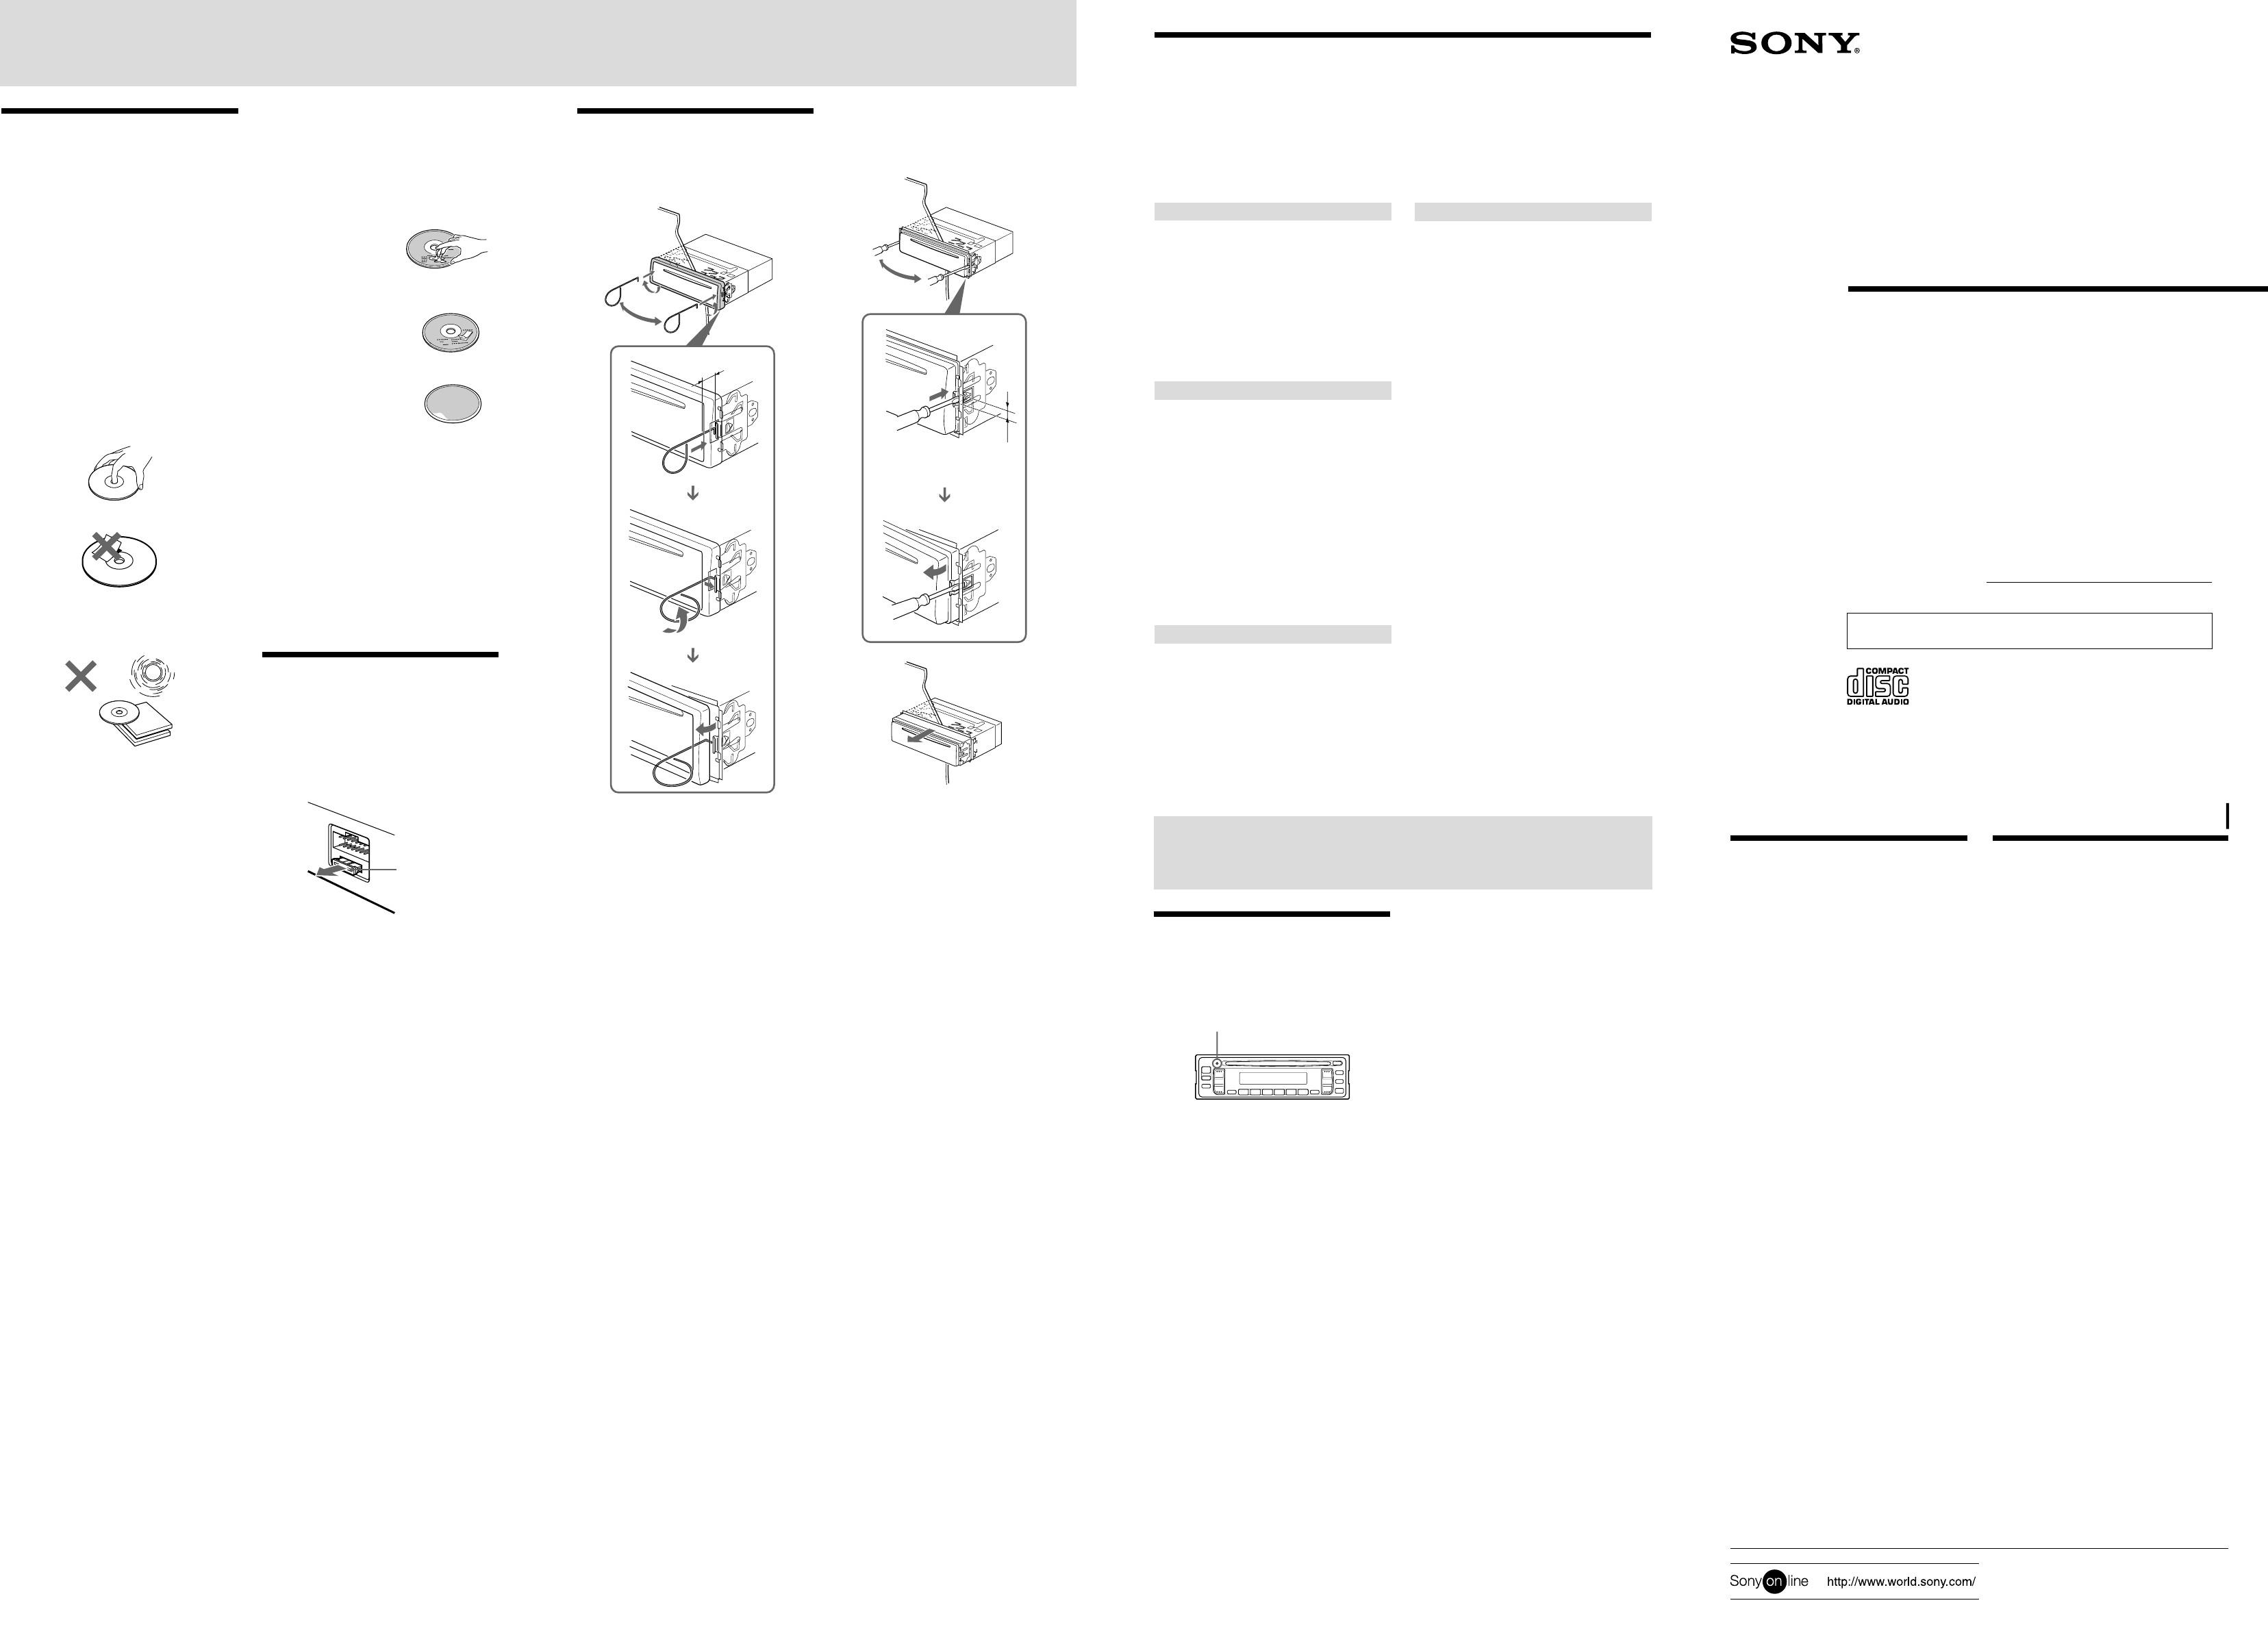 explod sony cdx gt40uw wire diagram sony explode cdx gt40uw wire diagram